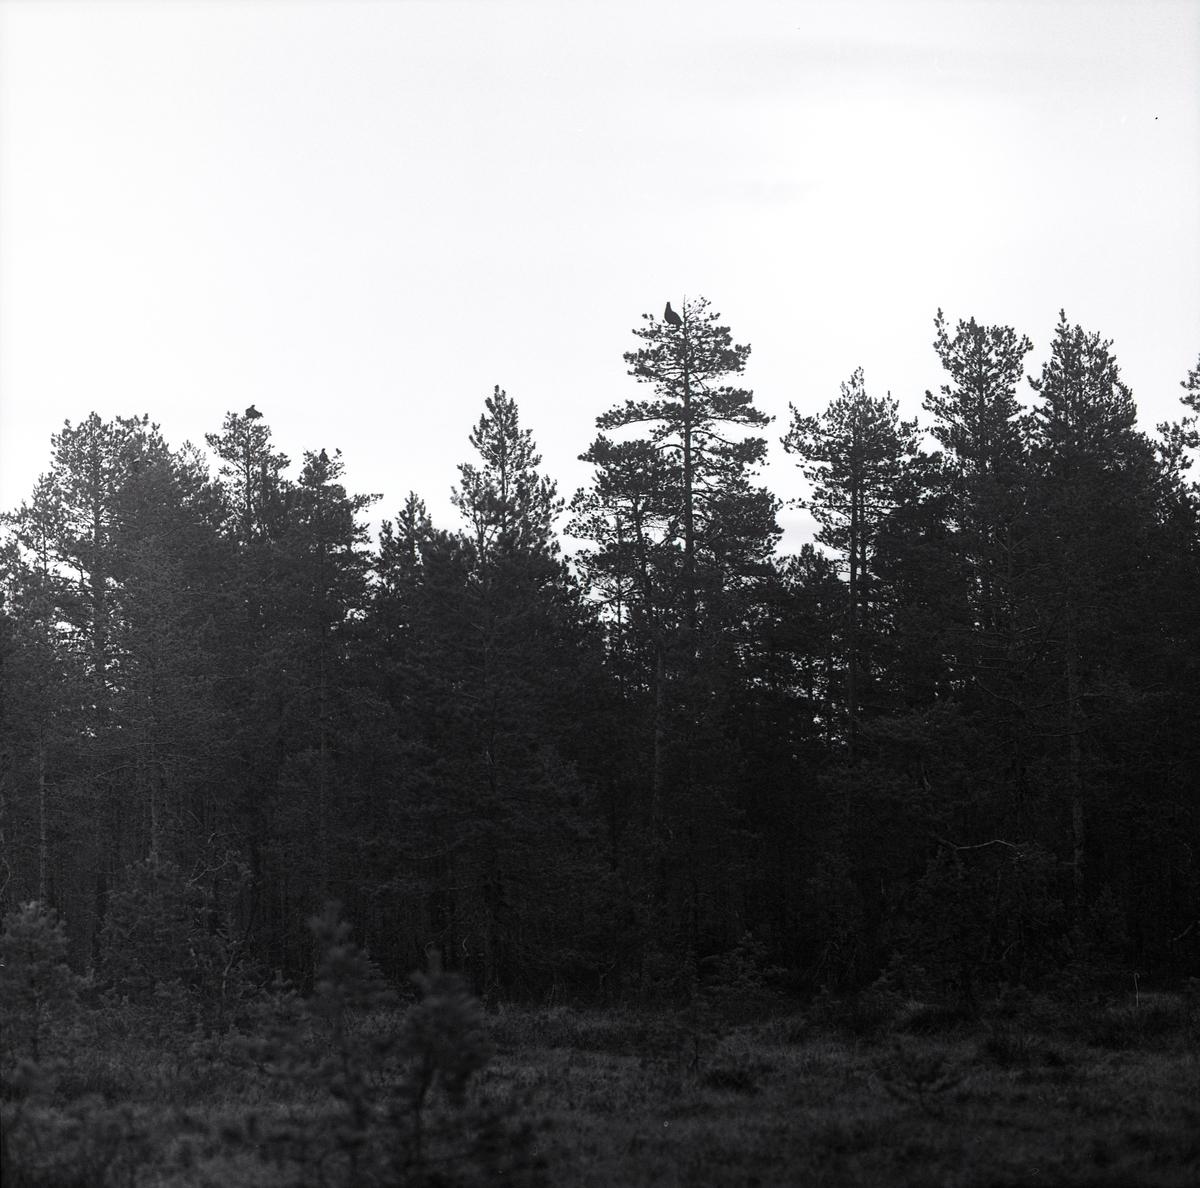 Högt i tallarnas toppar sitter tre tjädrar och tittar ut på omvärlden. Från ett närliggande hygge fotograferas skogen med fågelbesökta träd av Hilding Mickelsson 1962.